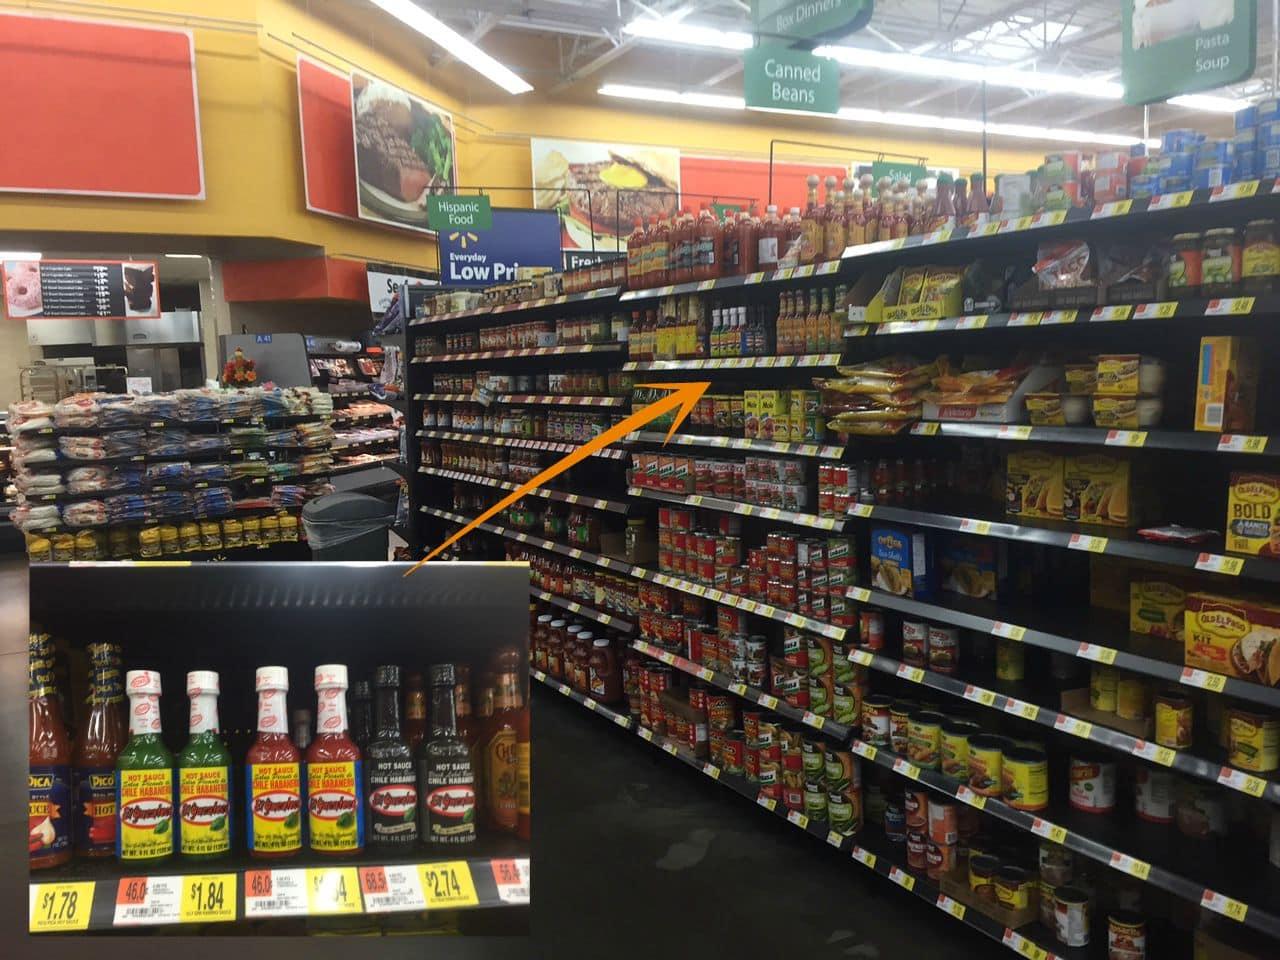 El Yucateco at Walmart #KingofFlavor AD